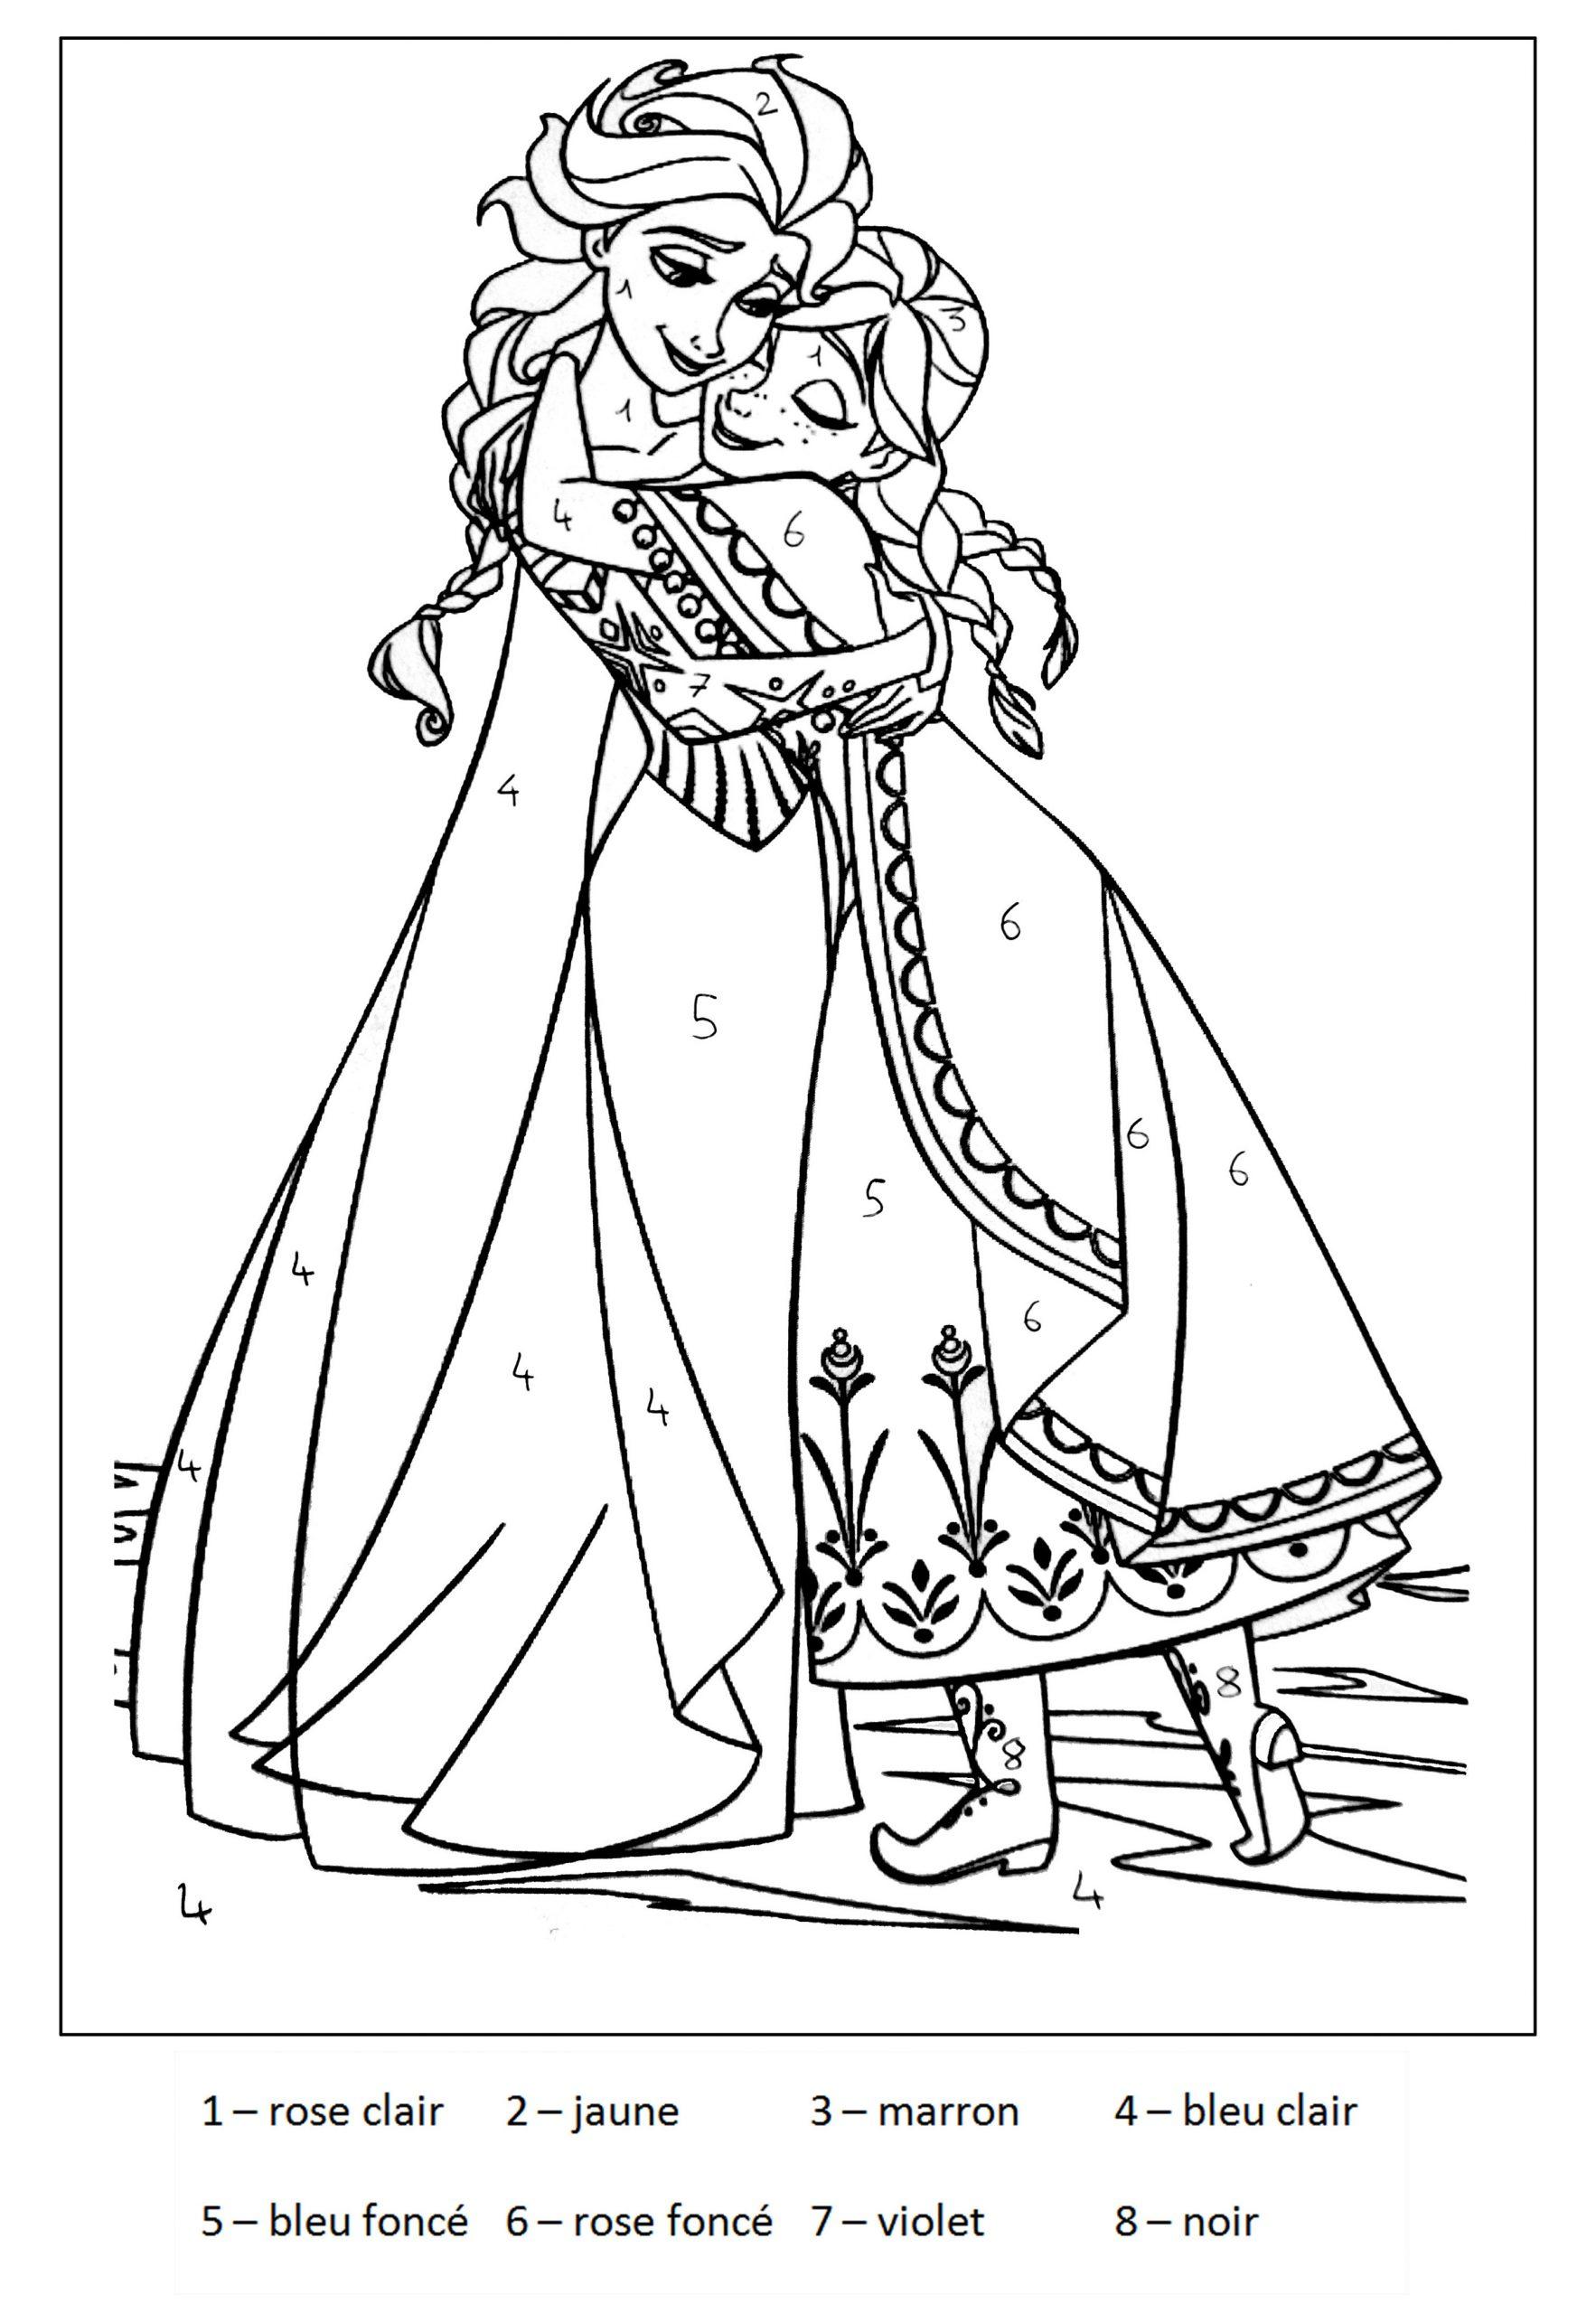 Magique Reine Des Neiges 2 - Coloriage Magique - Coloriages à Reine Des Neiges Dessin À Colorier